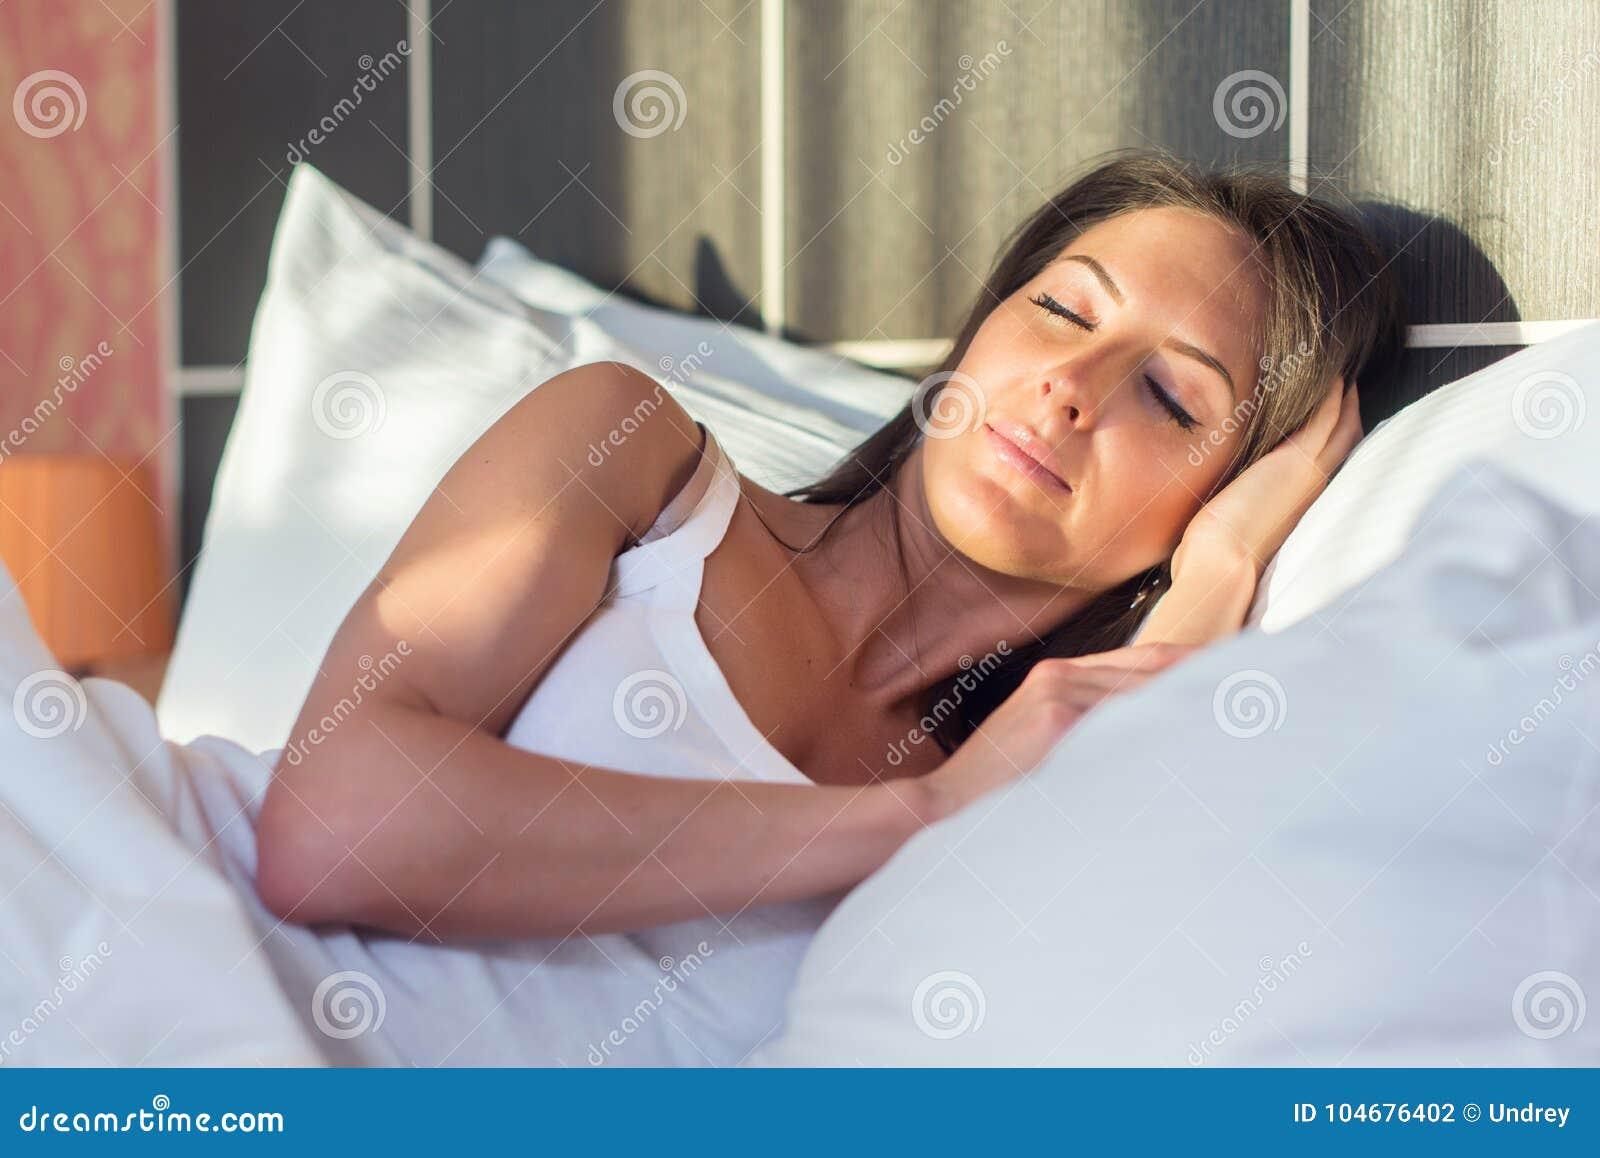 Смотреть спит в платье на кровати видео, если в вагине неприятный запах это